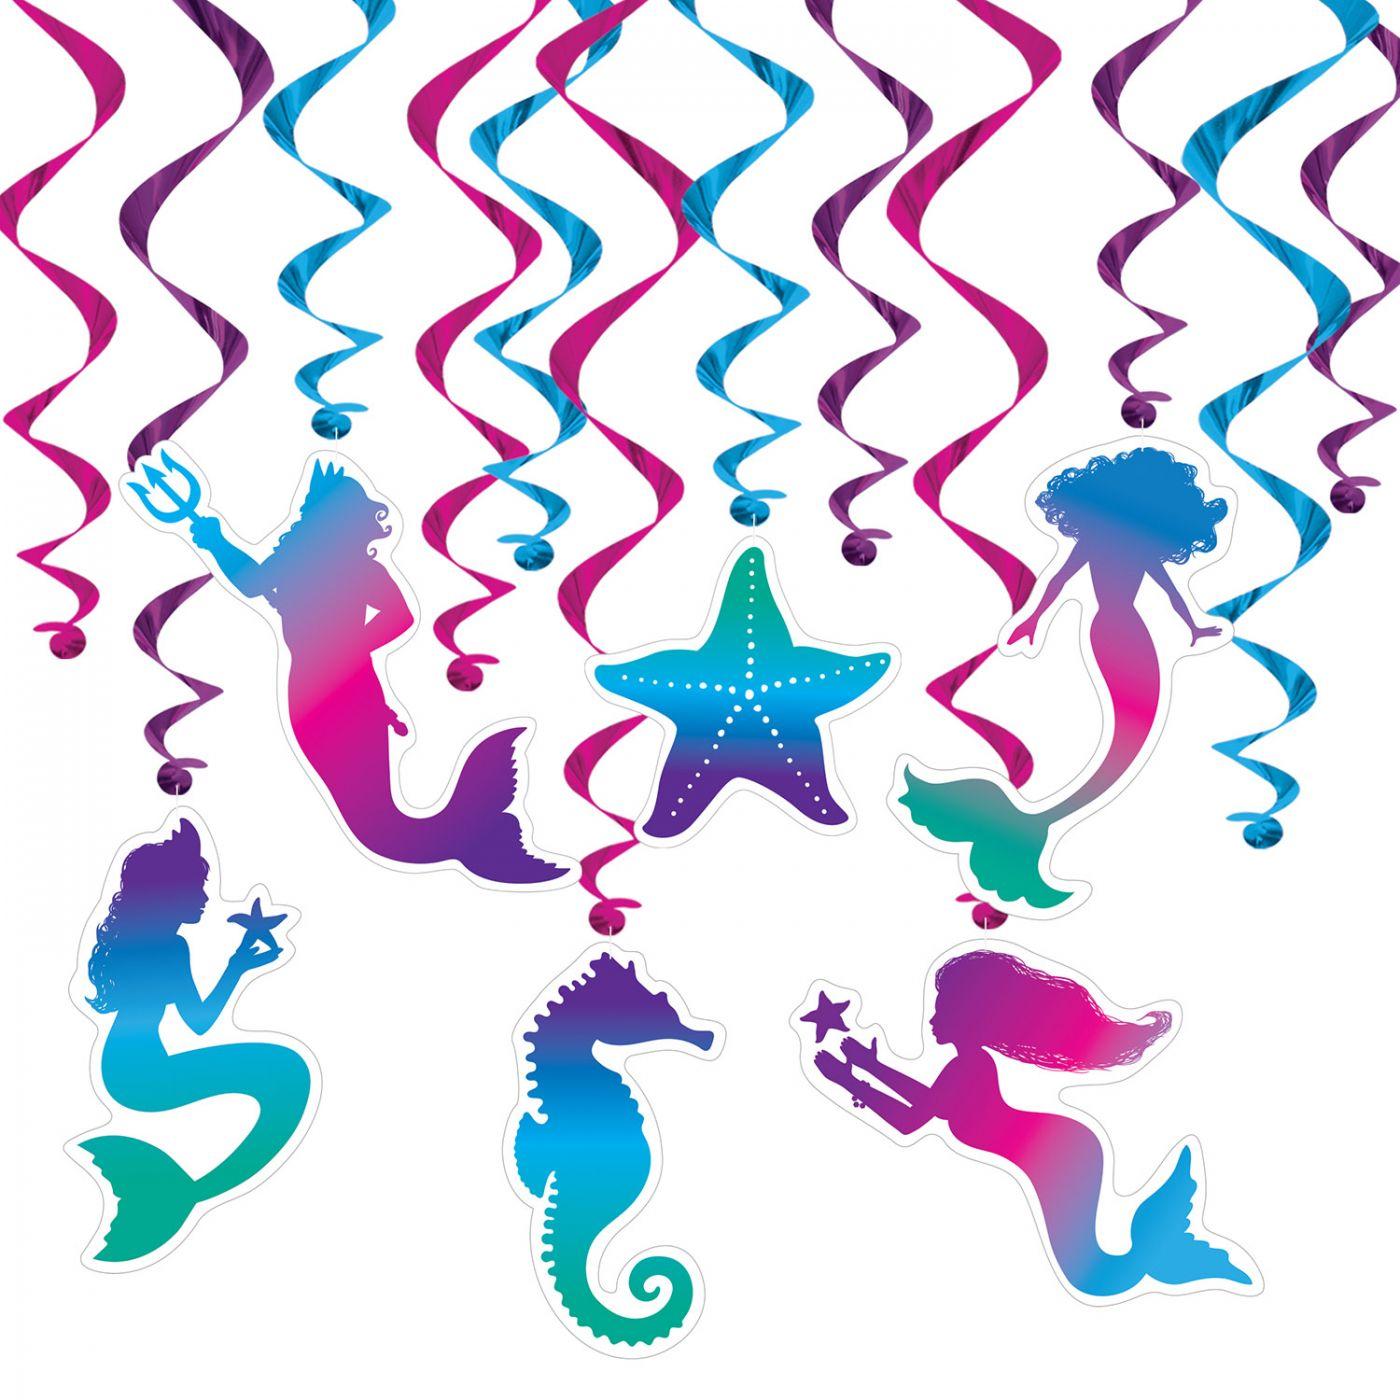 Mermaid Whirls (6) image